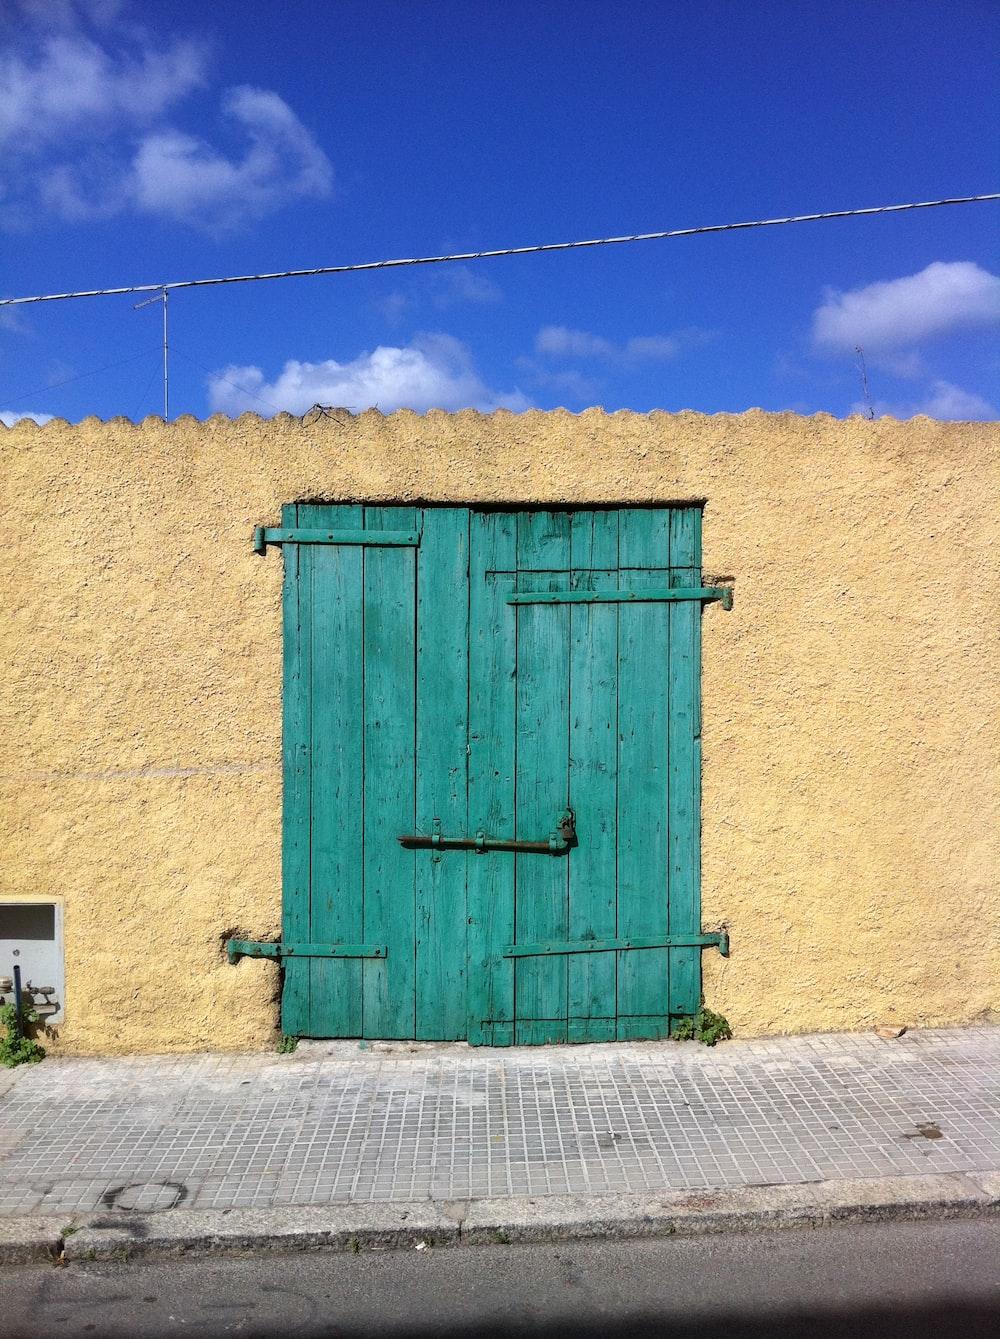 minimalist photography of blue wooden door